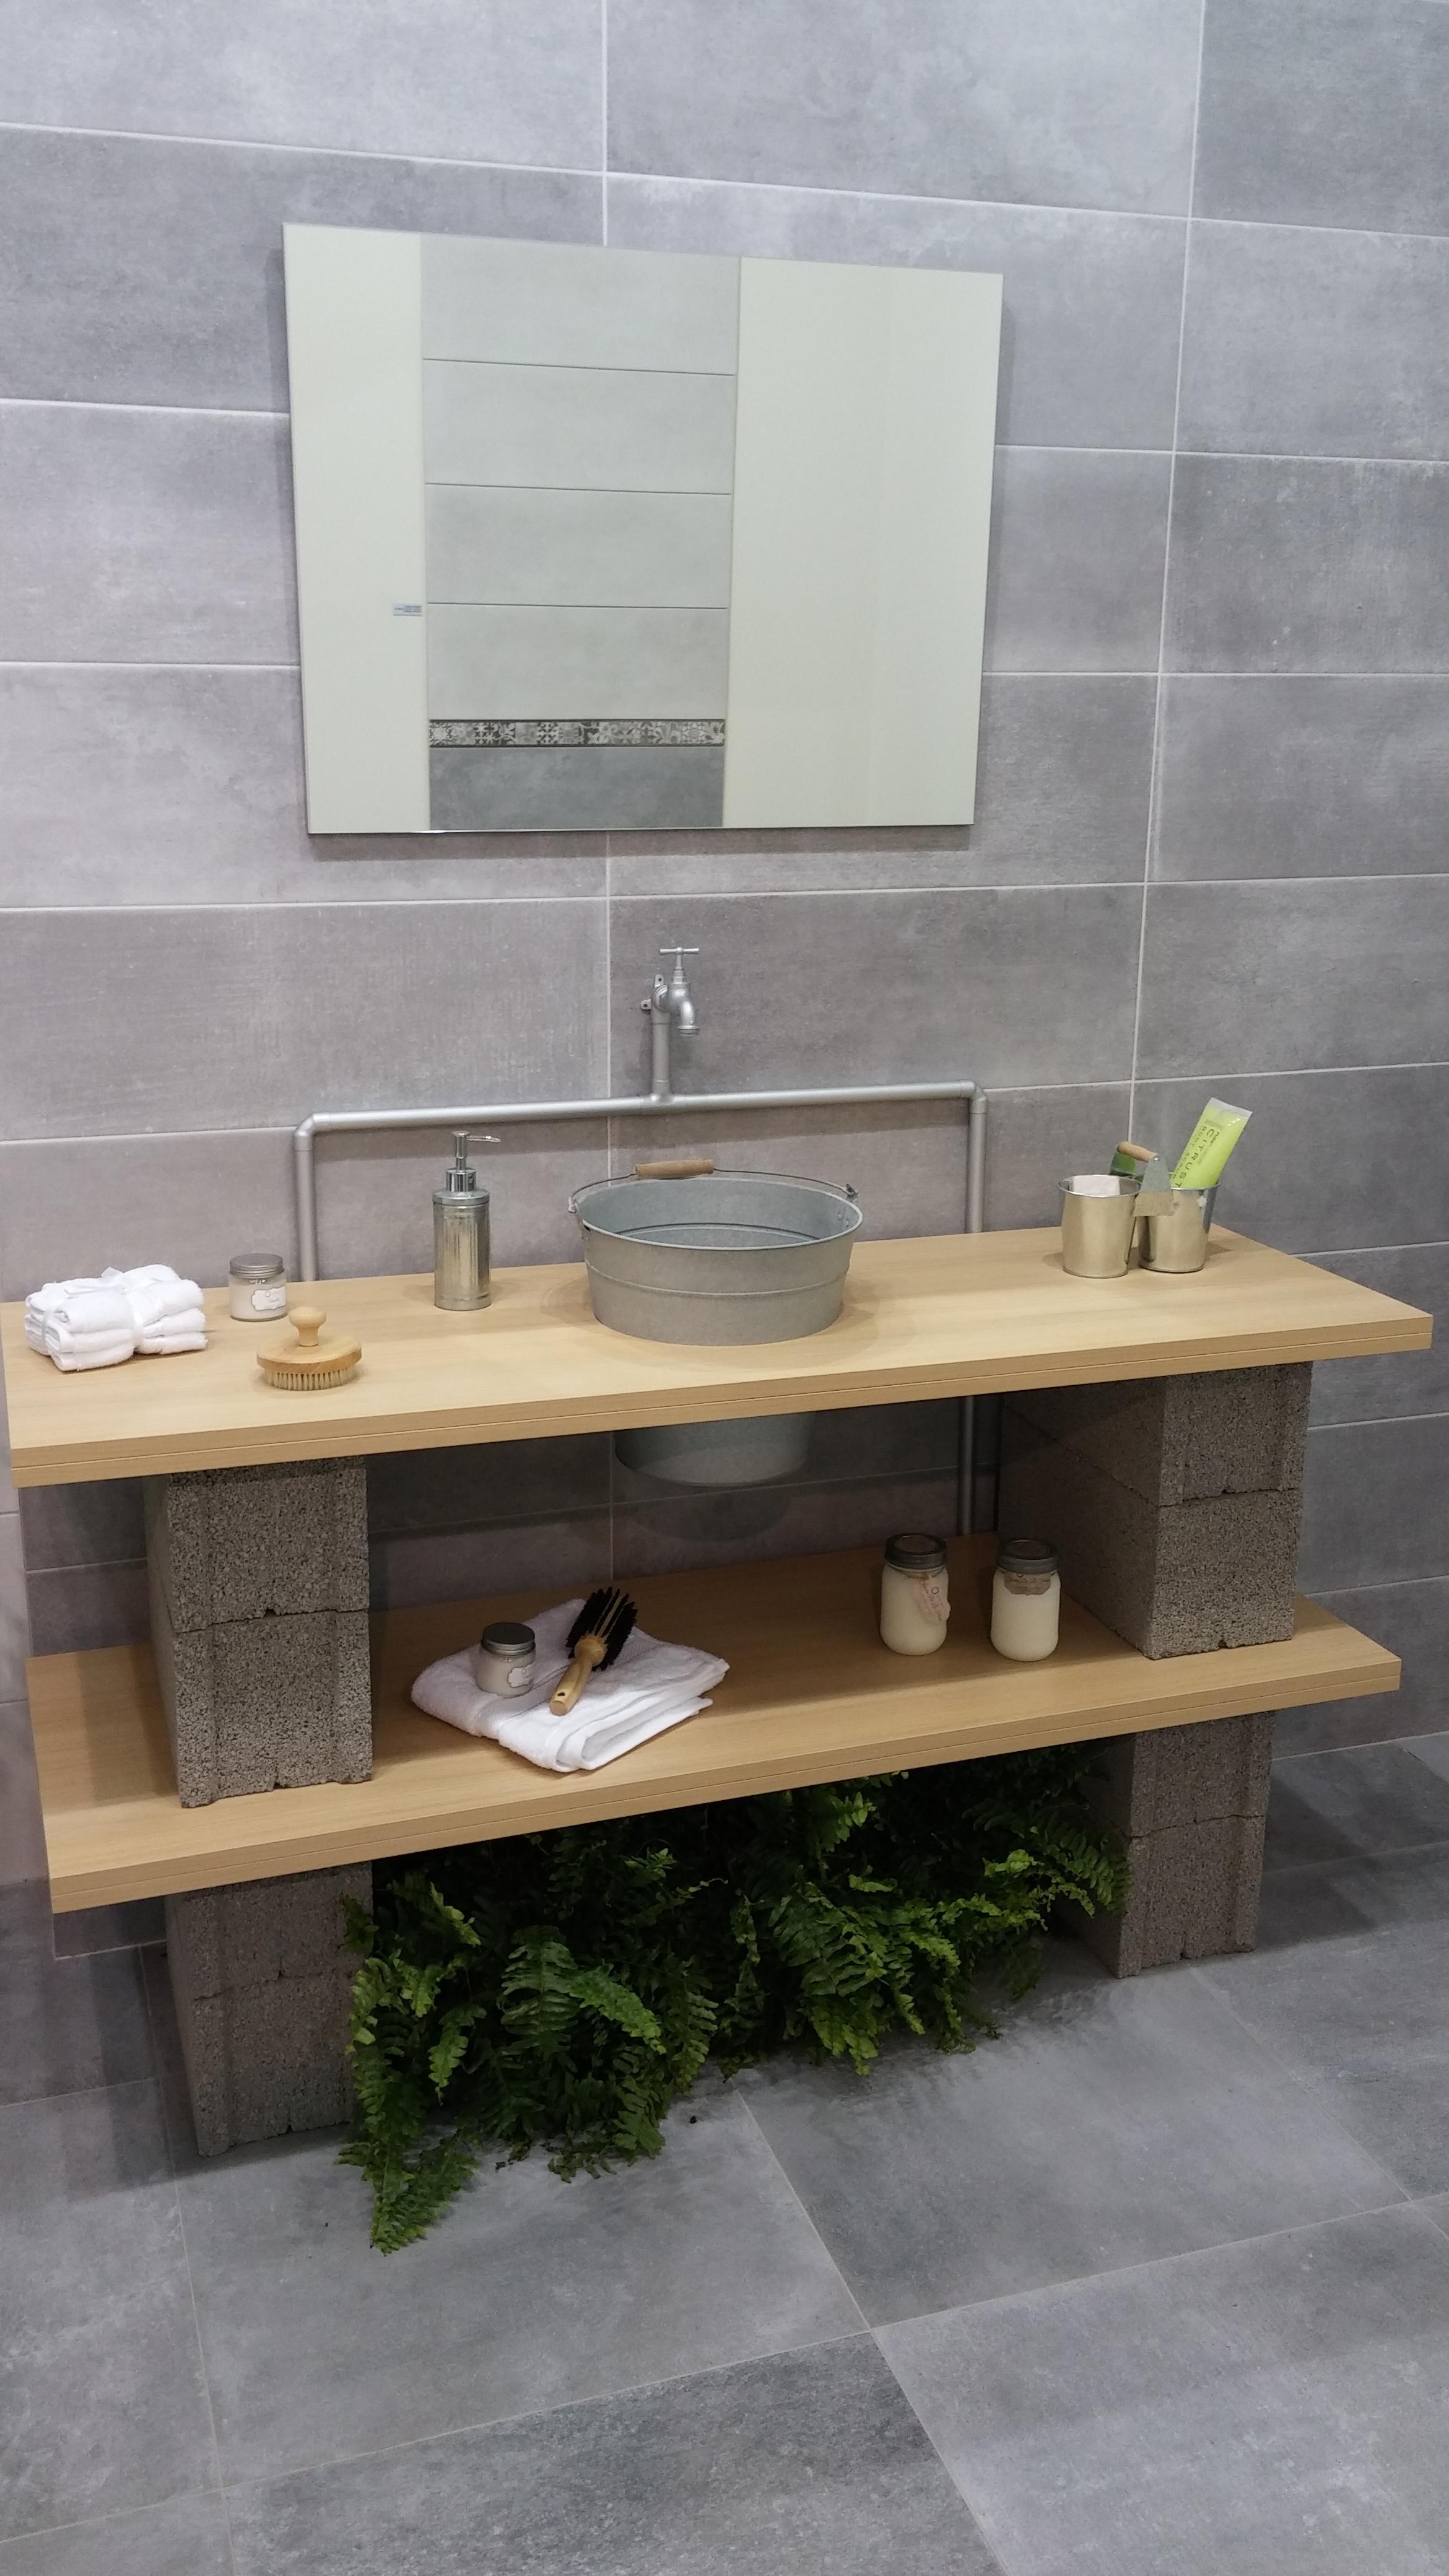 Ideas Para Decorar Baños Con Poca Plata:Muebles Con Bloques De Hormigón Decorar Tu Casa Es Facilisimo Com